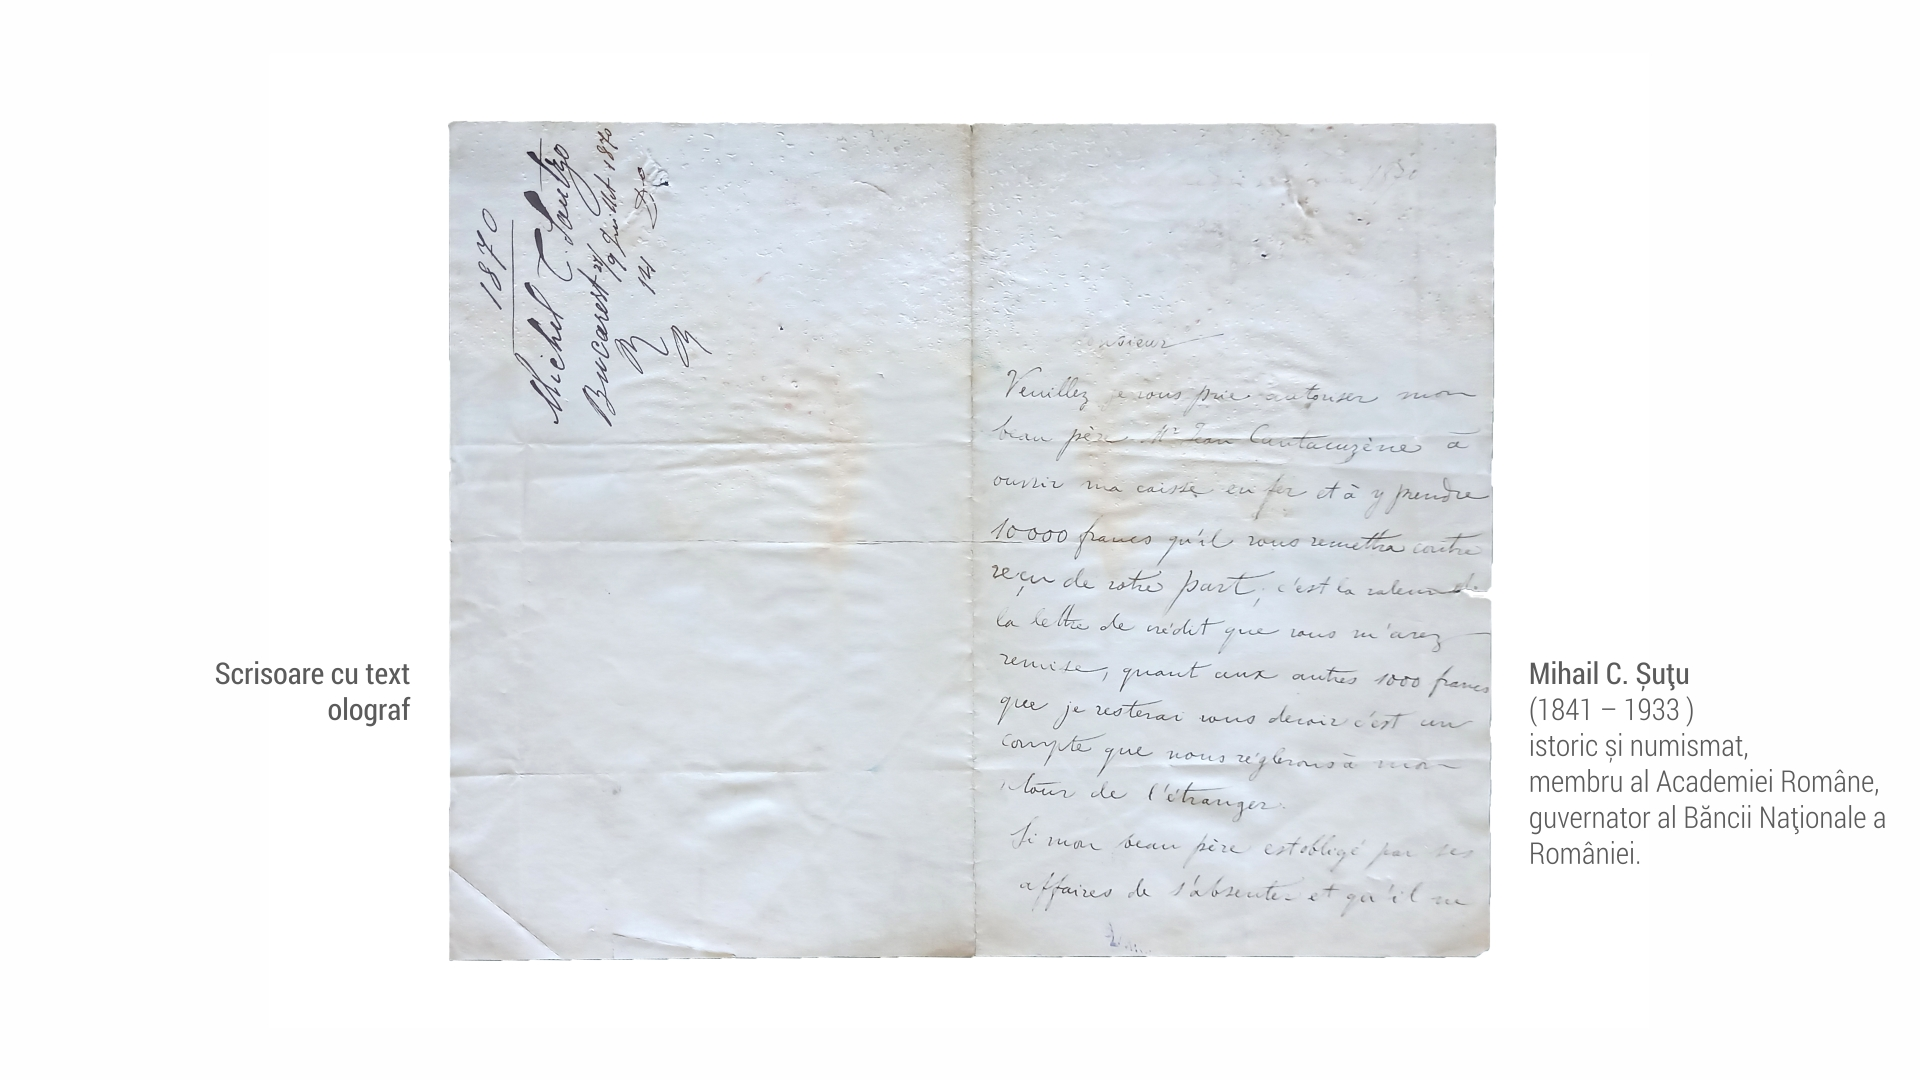 1841 Mihail Sutu - scrisoare